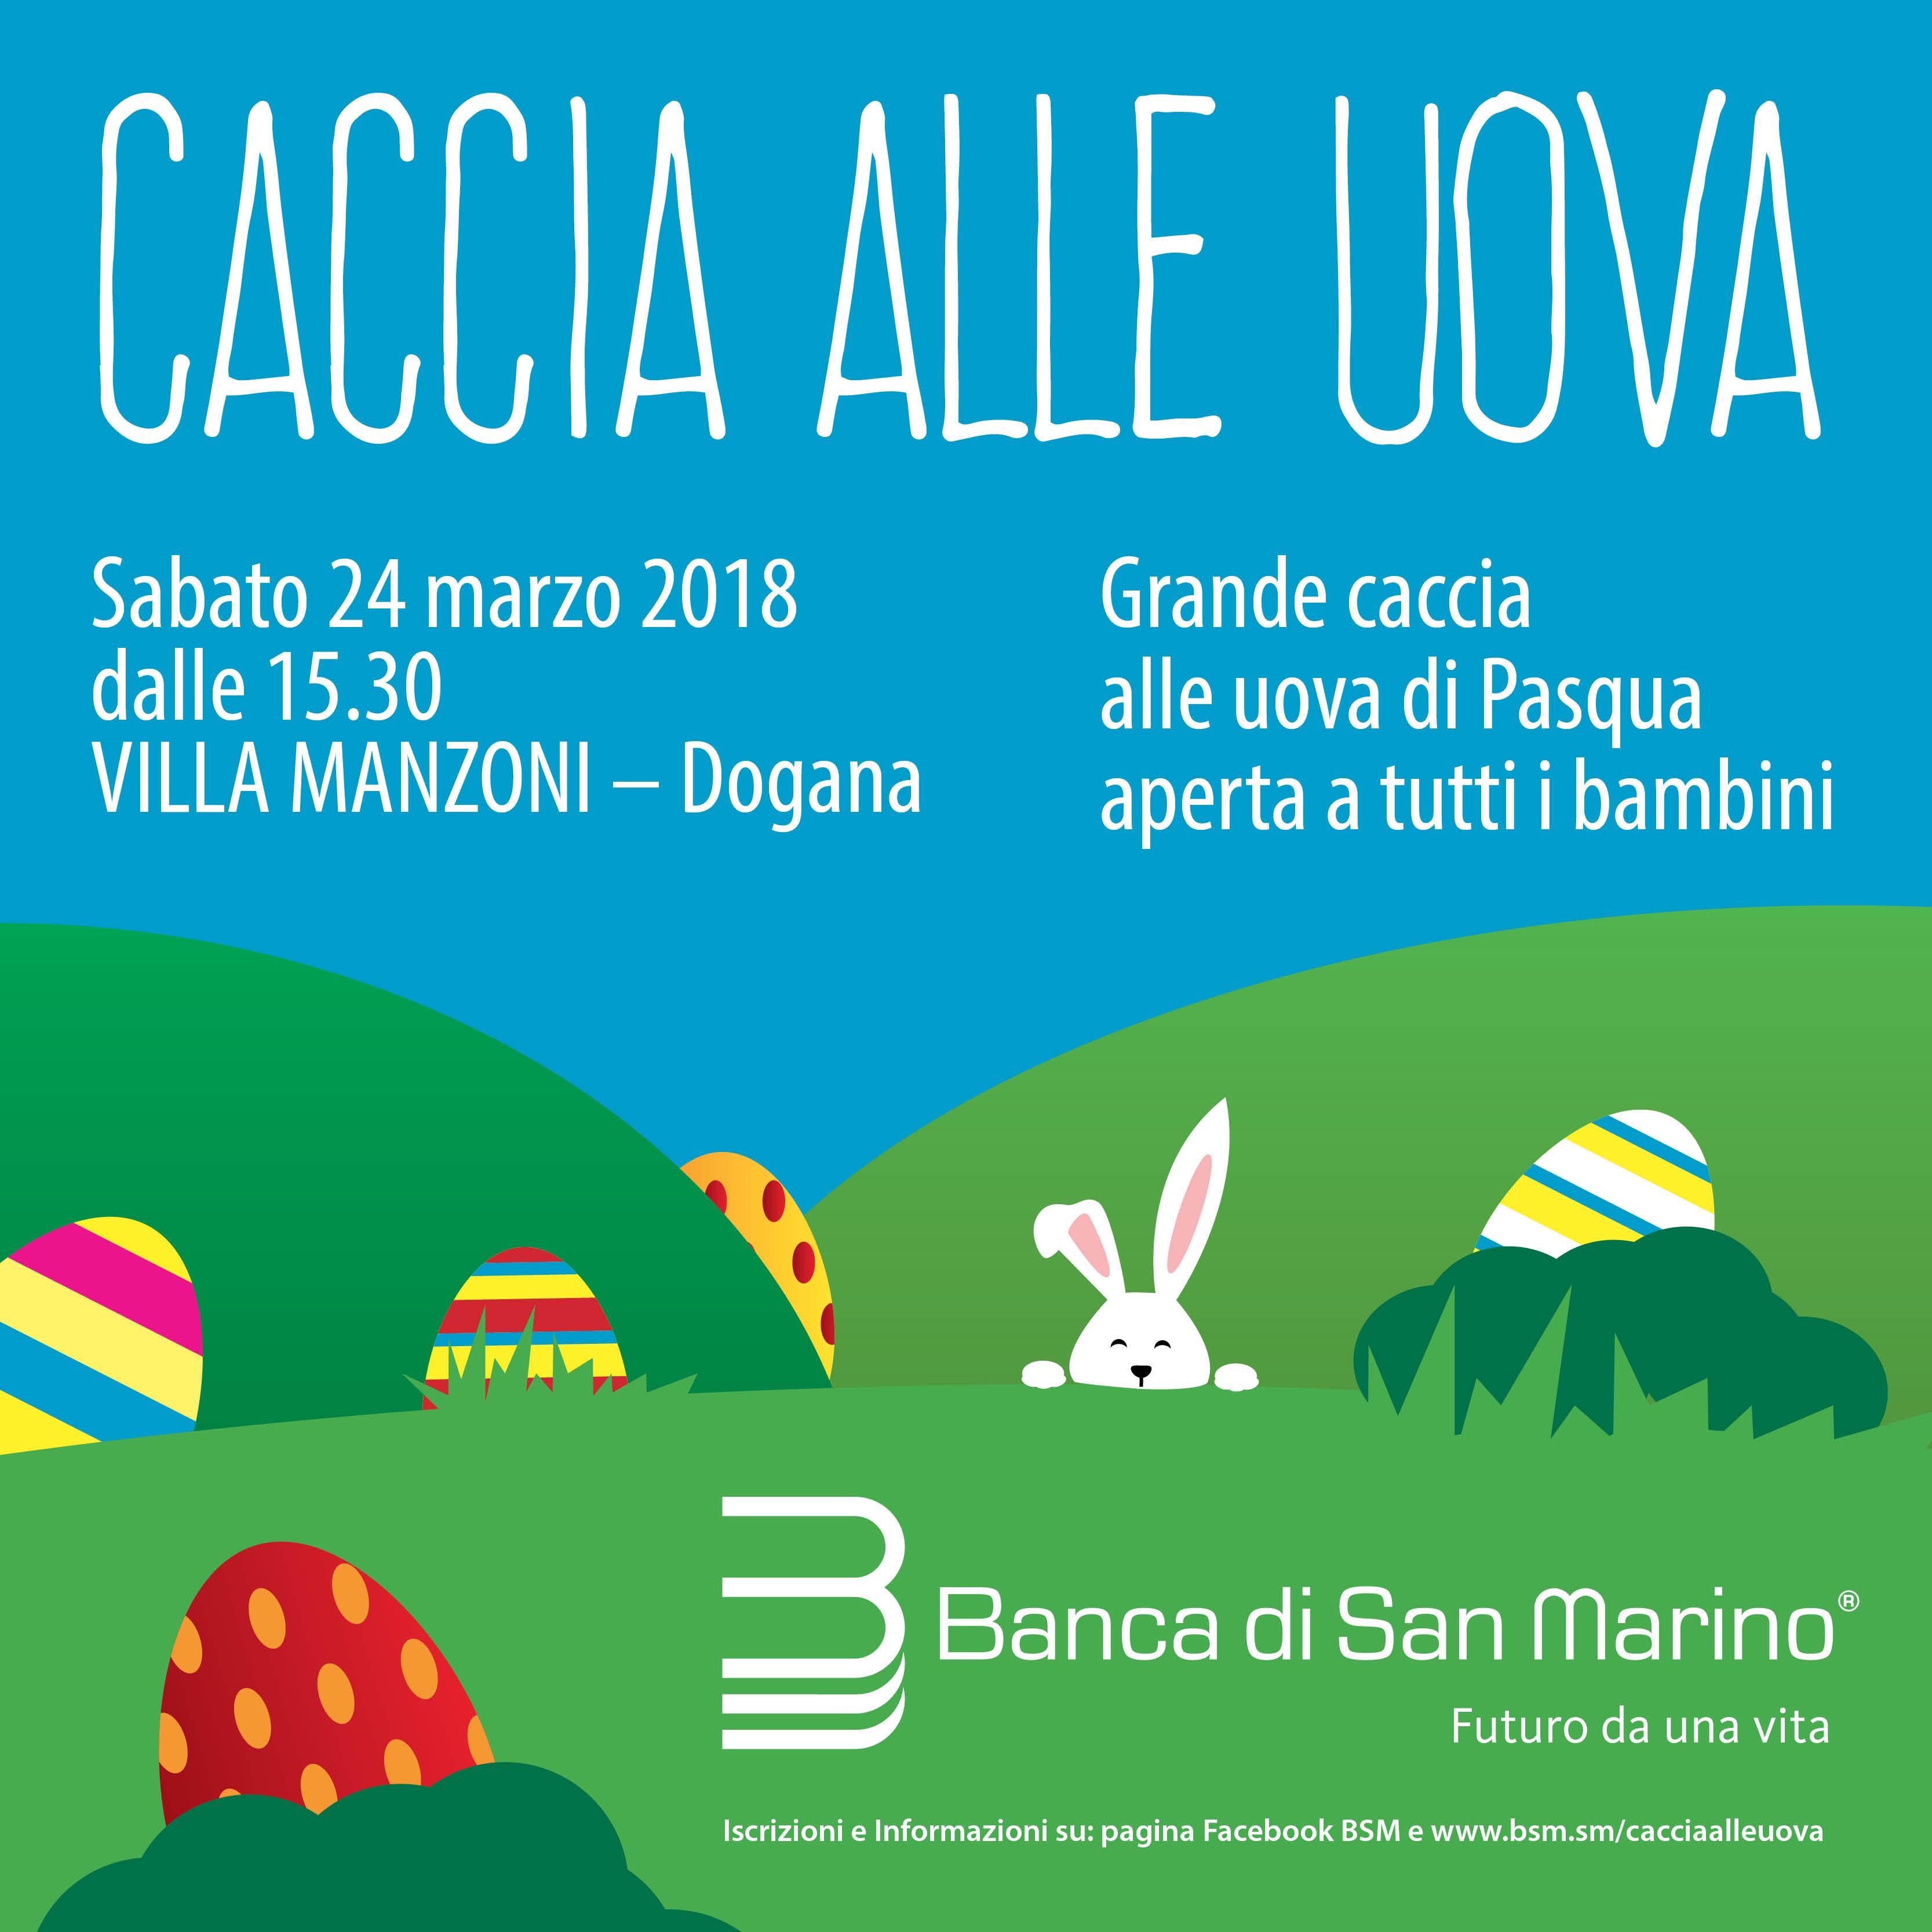 Caccia alle Uova in Banca di San Marino